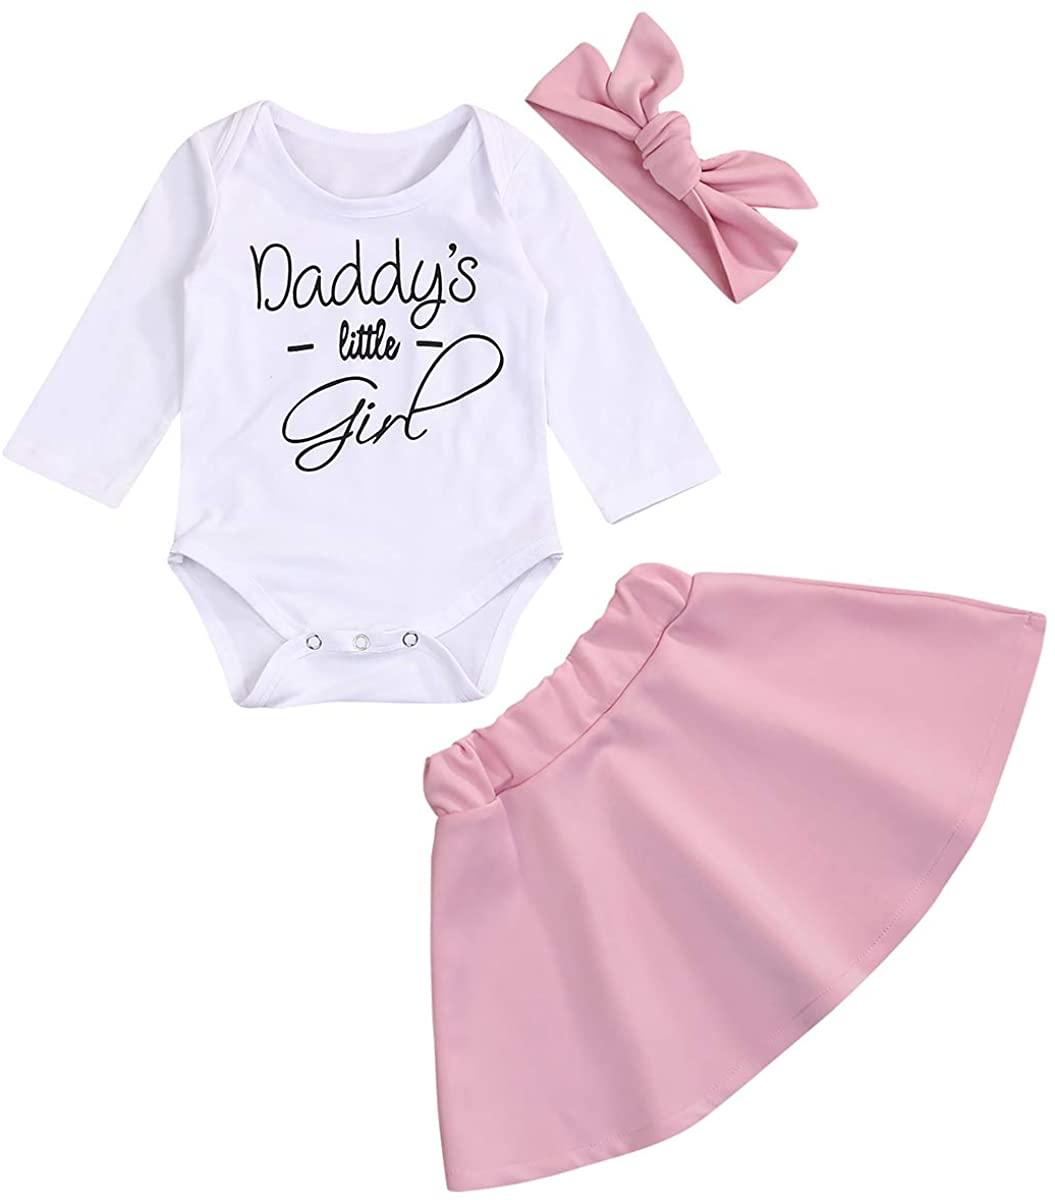 Newborn Baby Girls Skirt Set Daddy's Little Girl Print Top Pink Tutu Dress Headband Fall Winter 3 Pcs Outfit Set